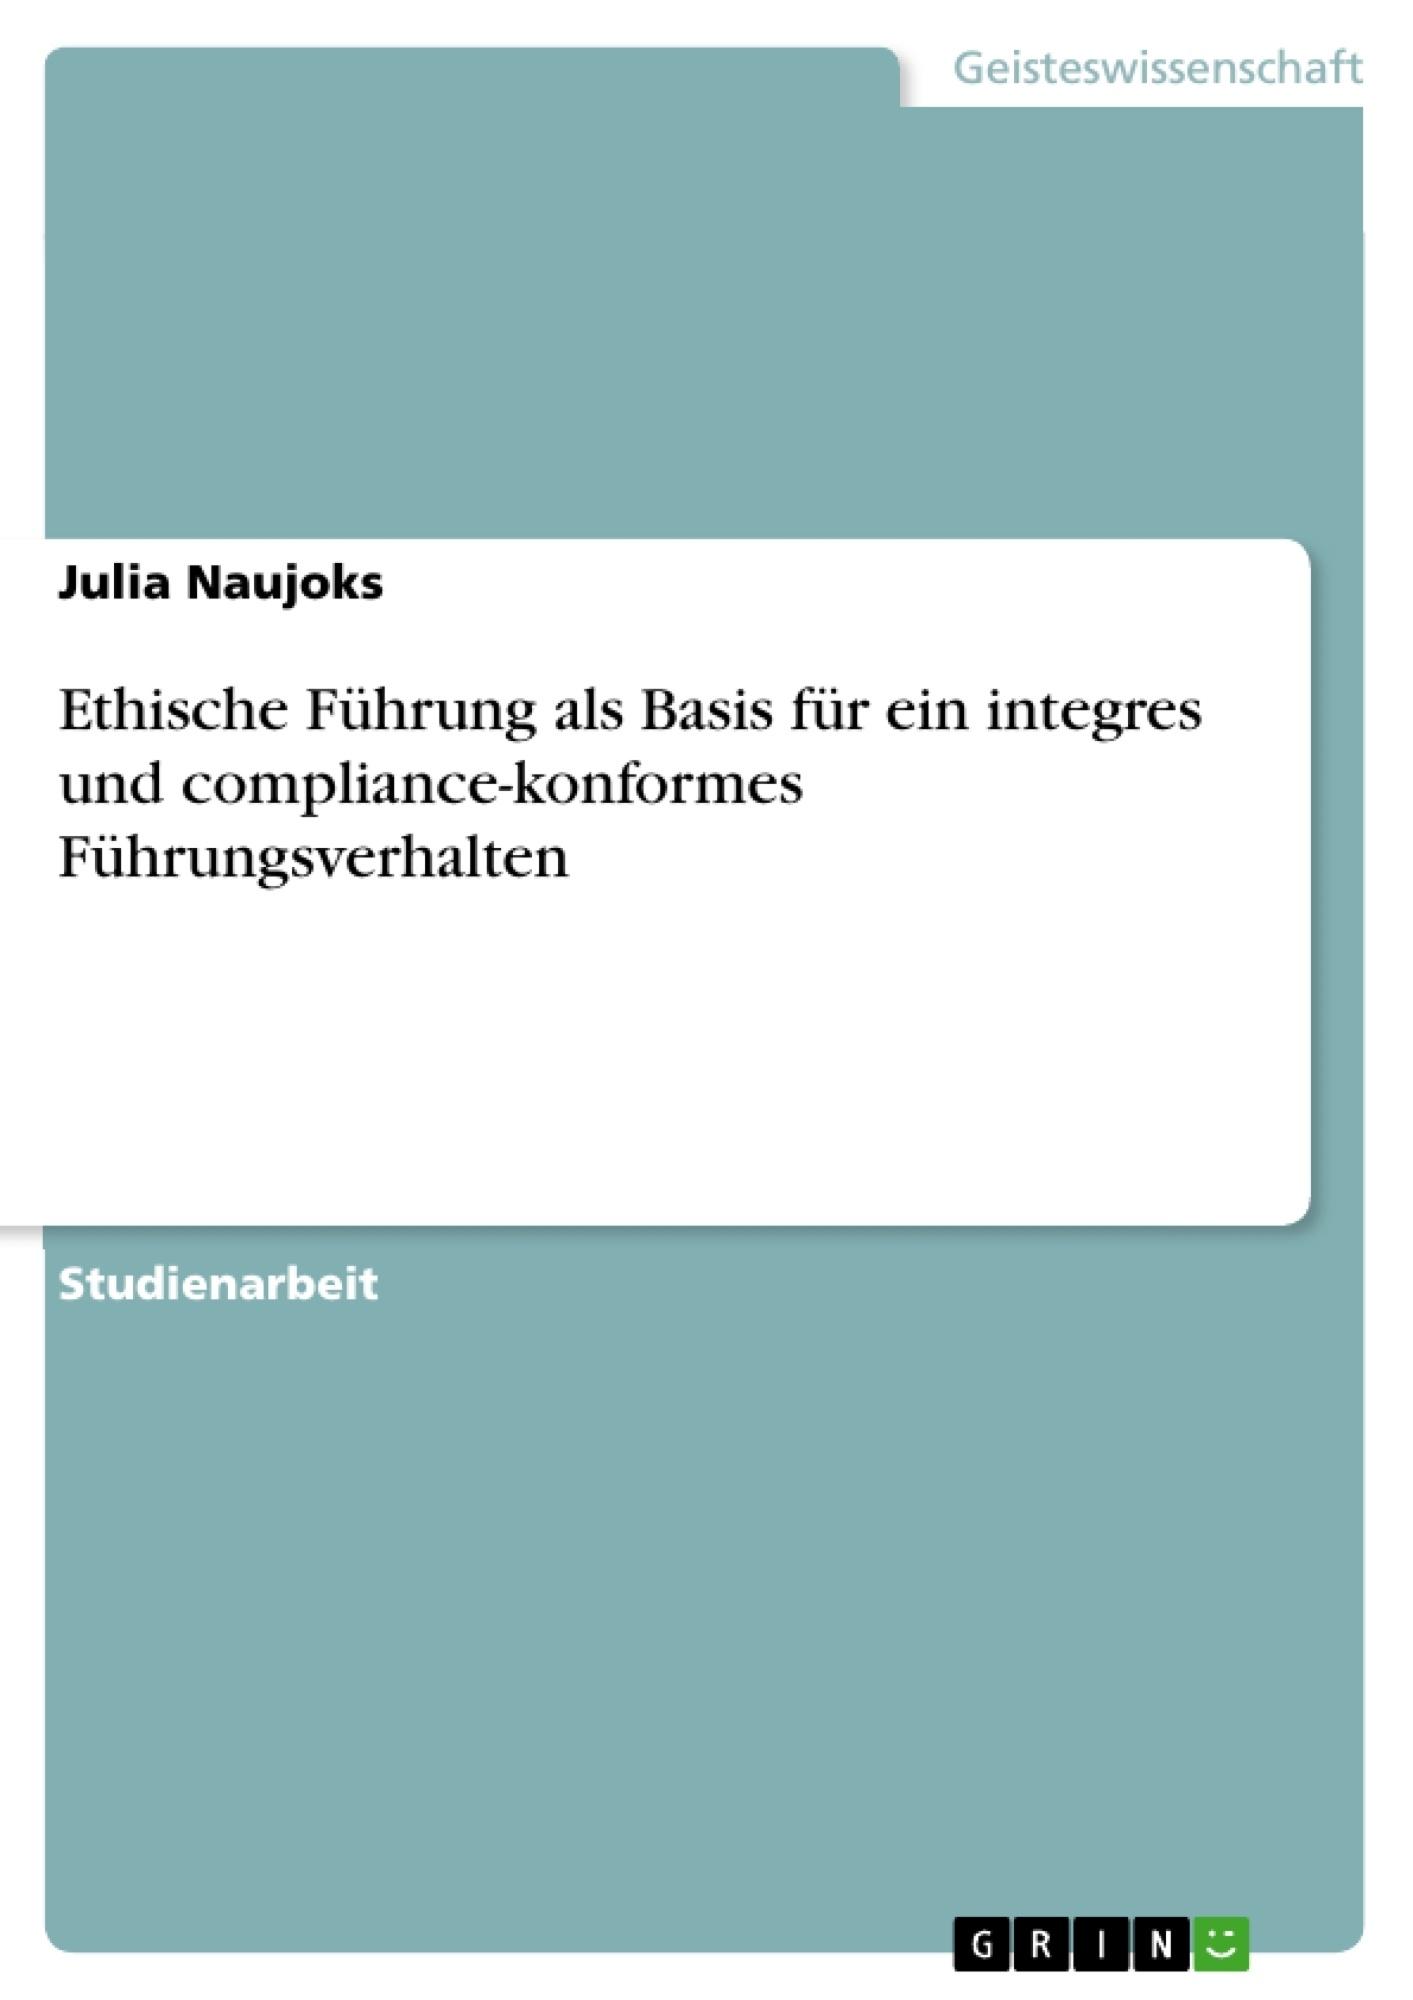 Titel: Ethische Führung als Basis für ein integres und compliance-konformes Führungsverhalten